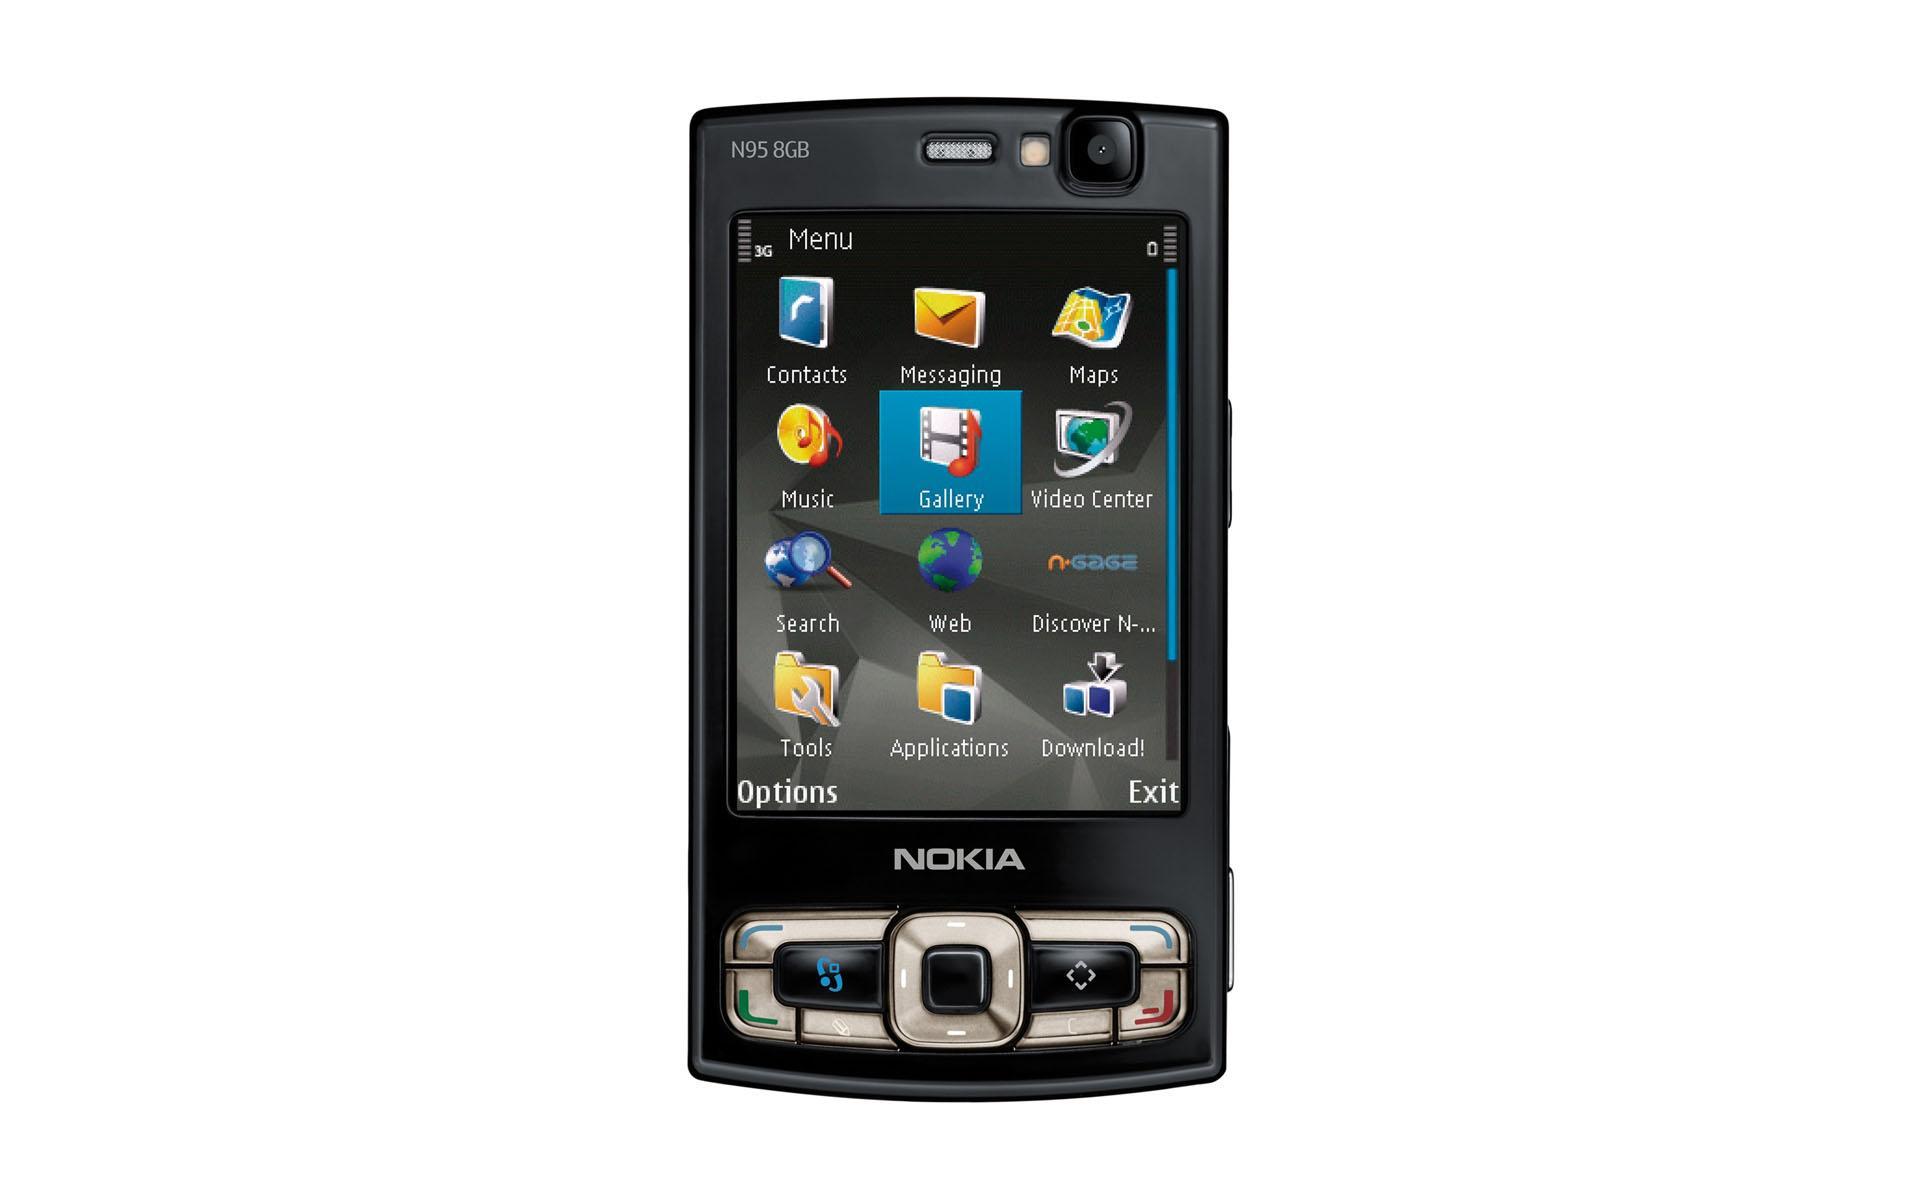 Nokia n95 китай скачать инструкция